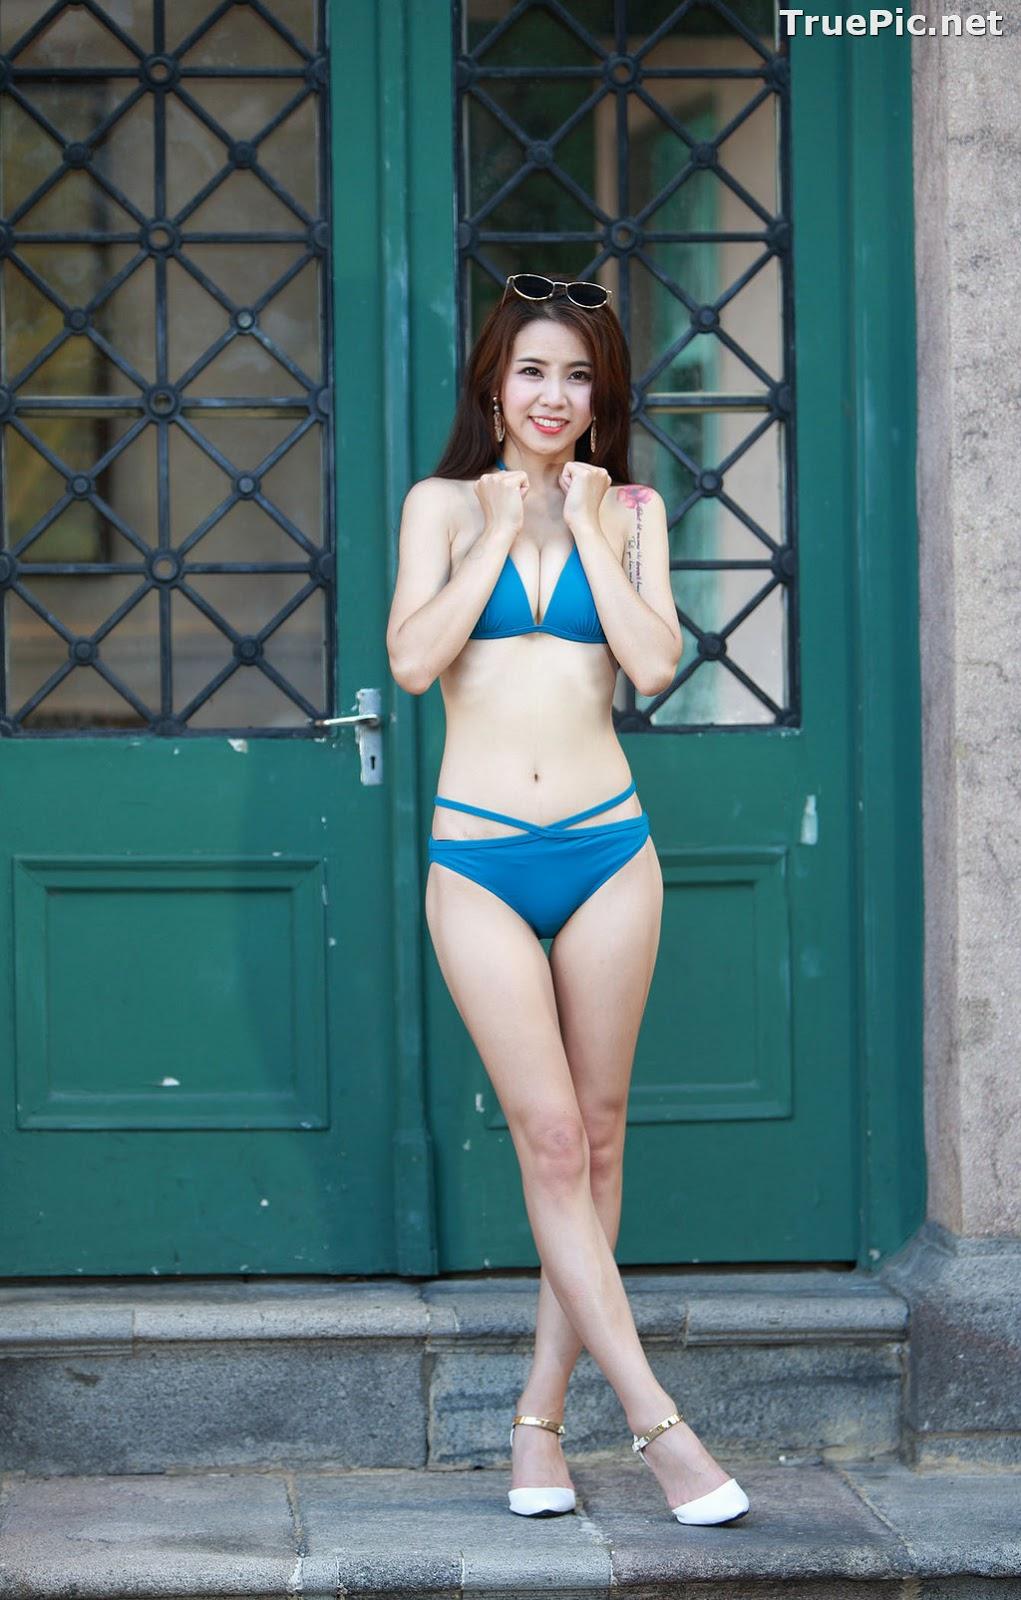 Image Taiwanese Beautiful Model - Debby Chiu - Blue Sexy Bikini - TruePic.net - Picture-2